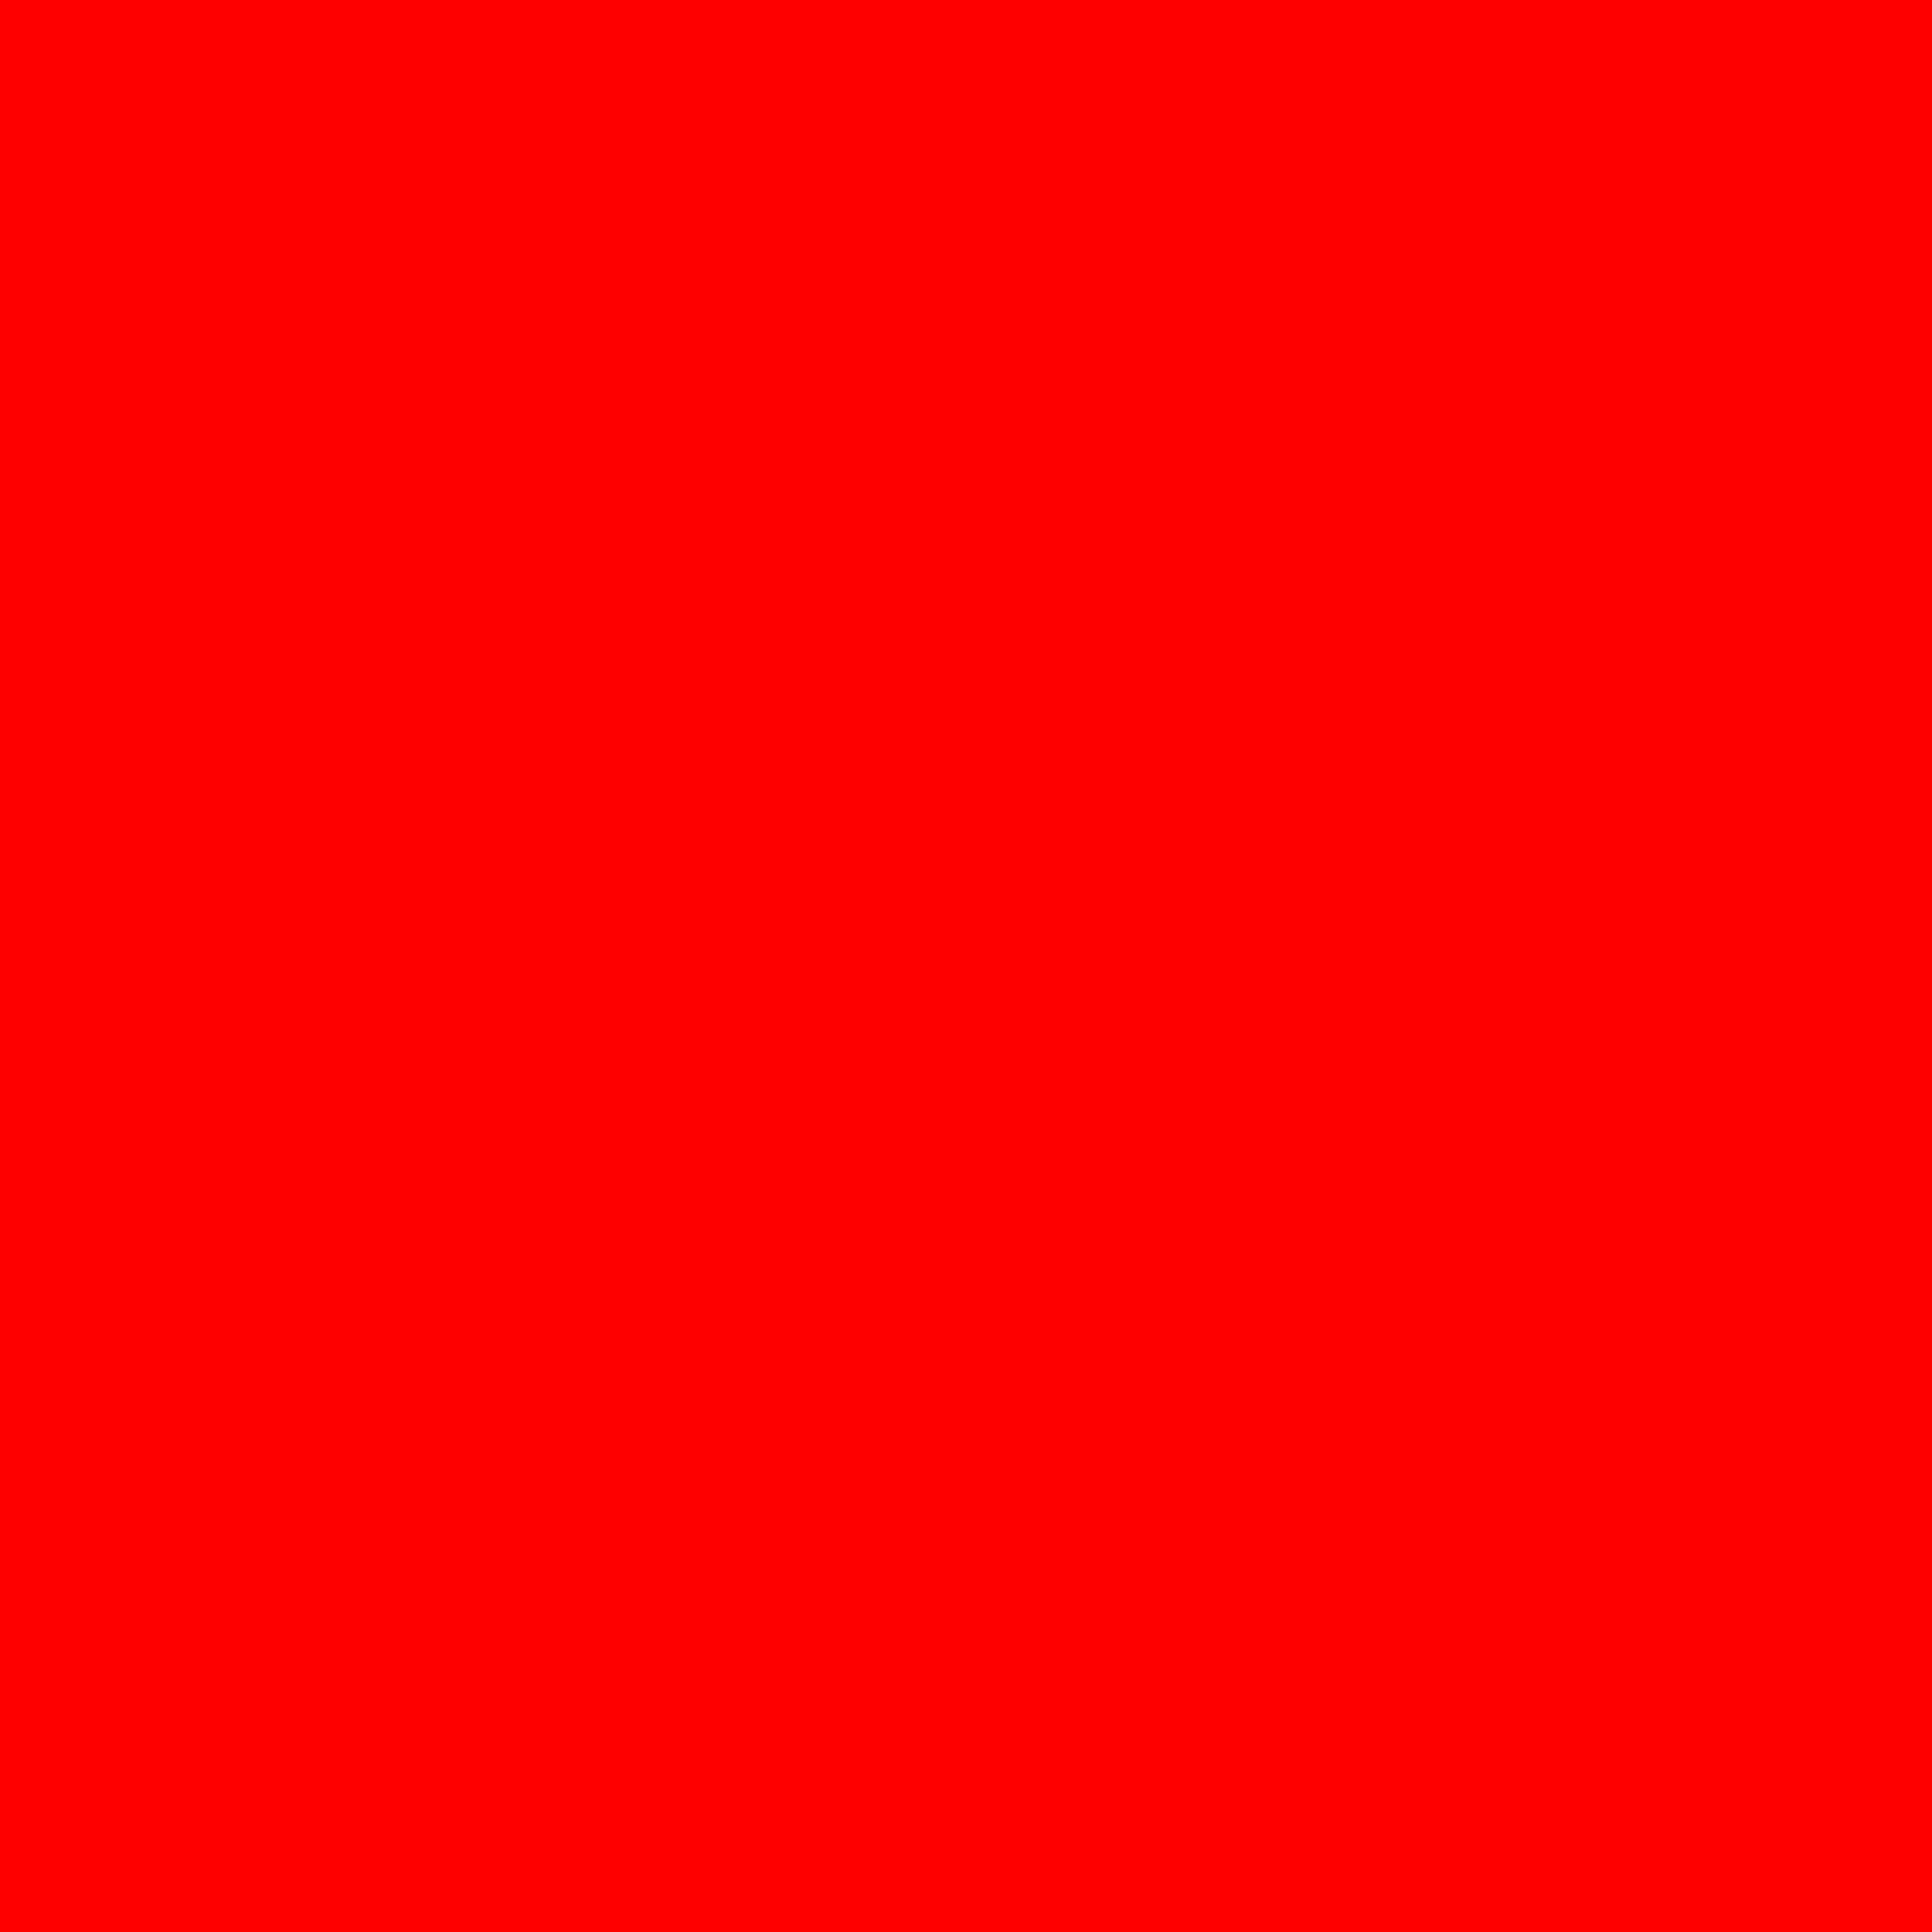 Red Square Solar Locse